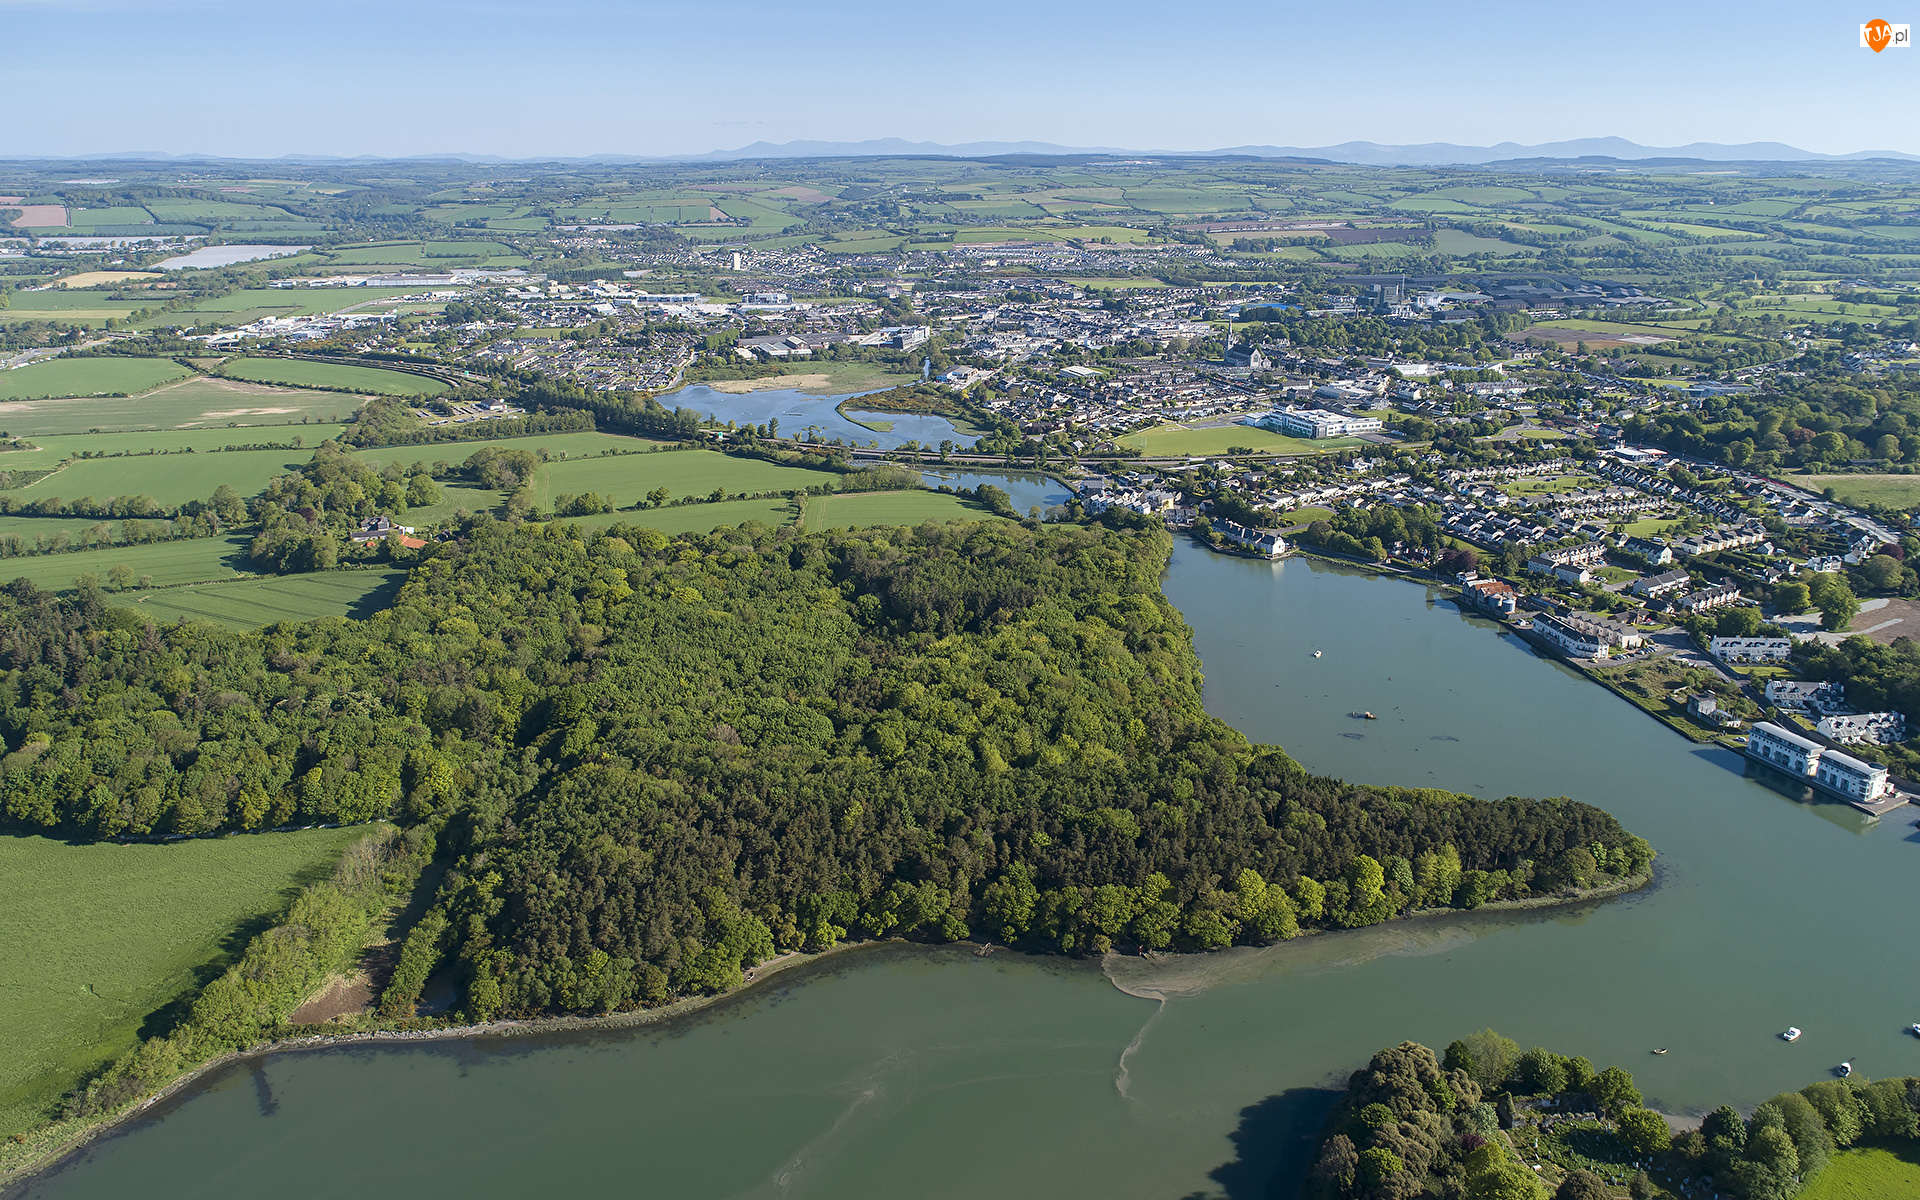 Owenacurra, Miasto, Lasy, Hrabstwo Cork, Midleton, Rzeka, Irlandia, Domy